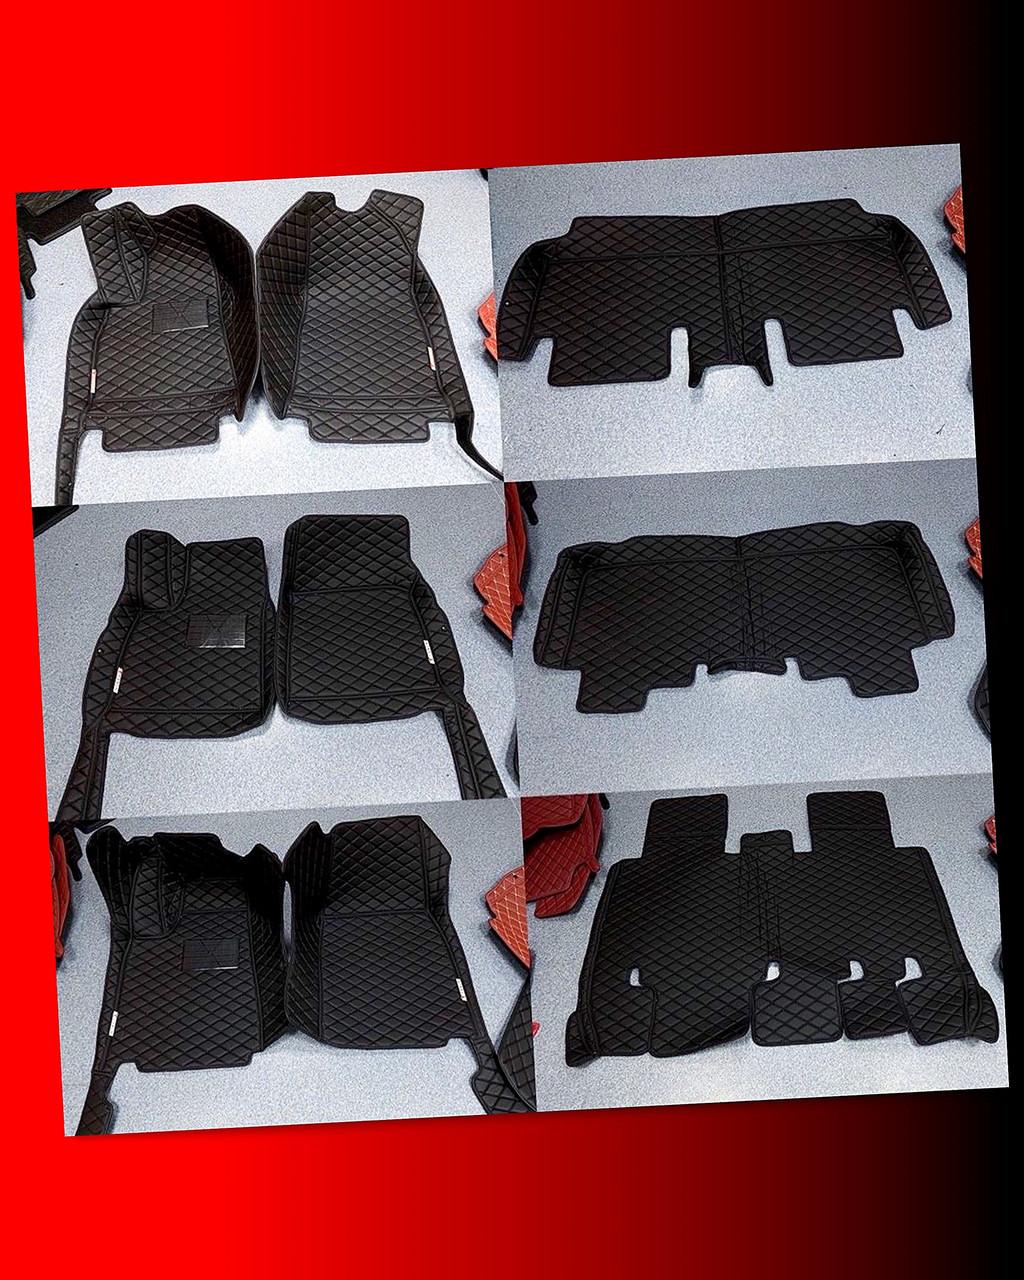 Комплект ковриков из экокожи для Tesla model S